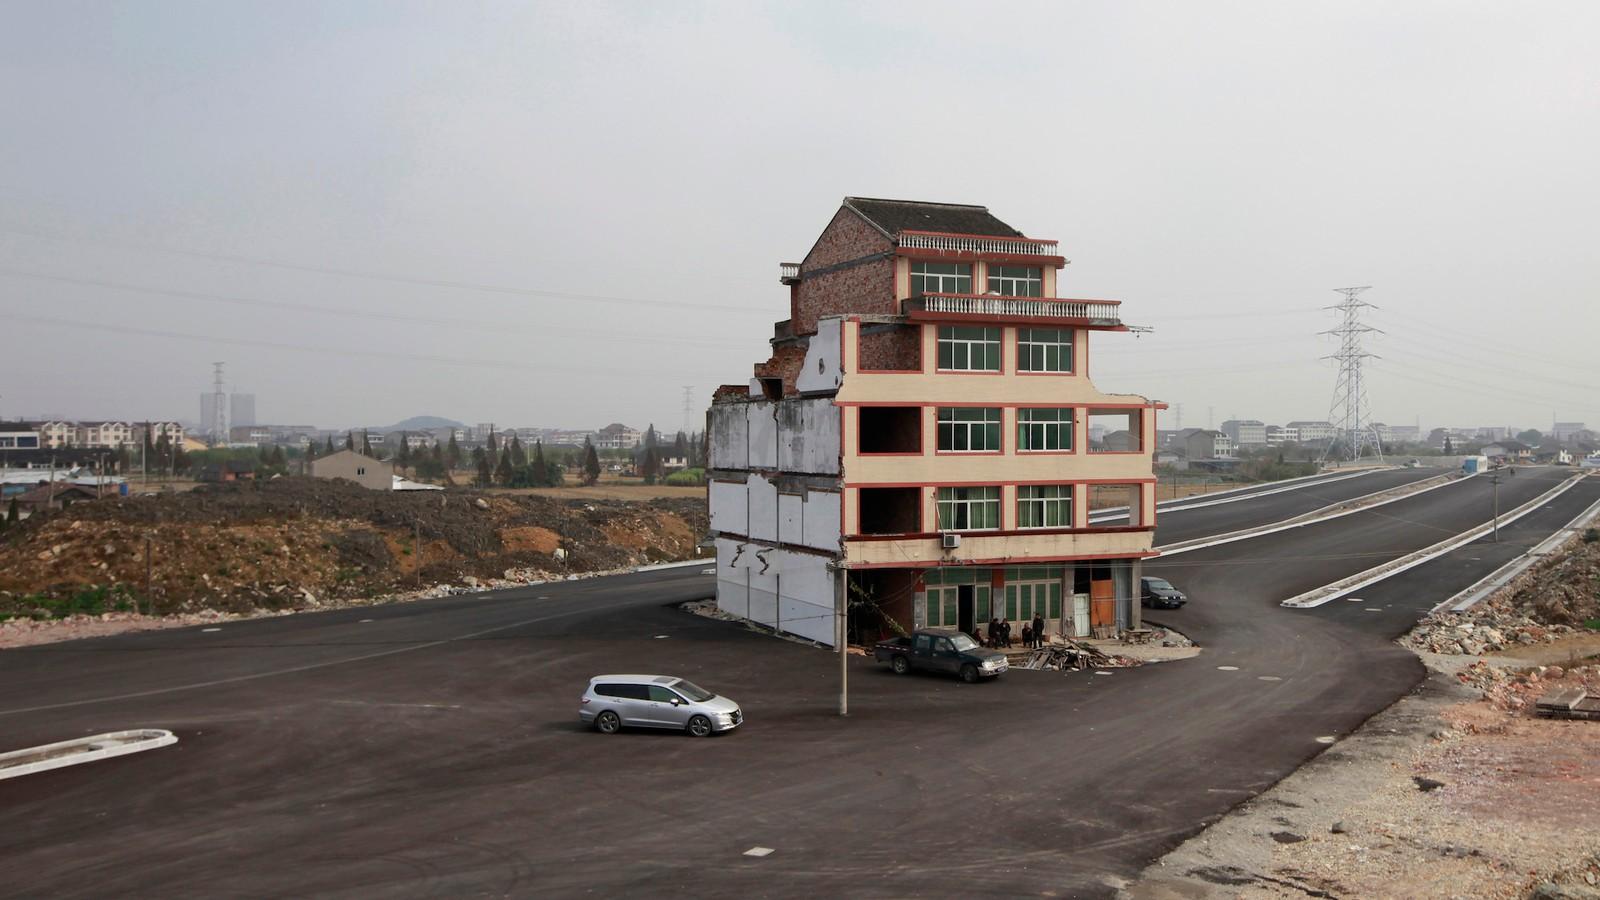 Les maisons chinoises que leurs propriétaires refusent de vendre